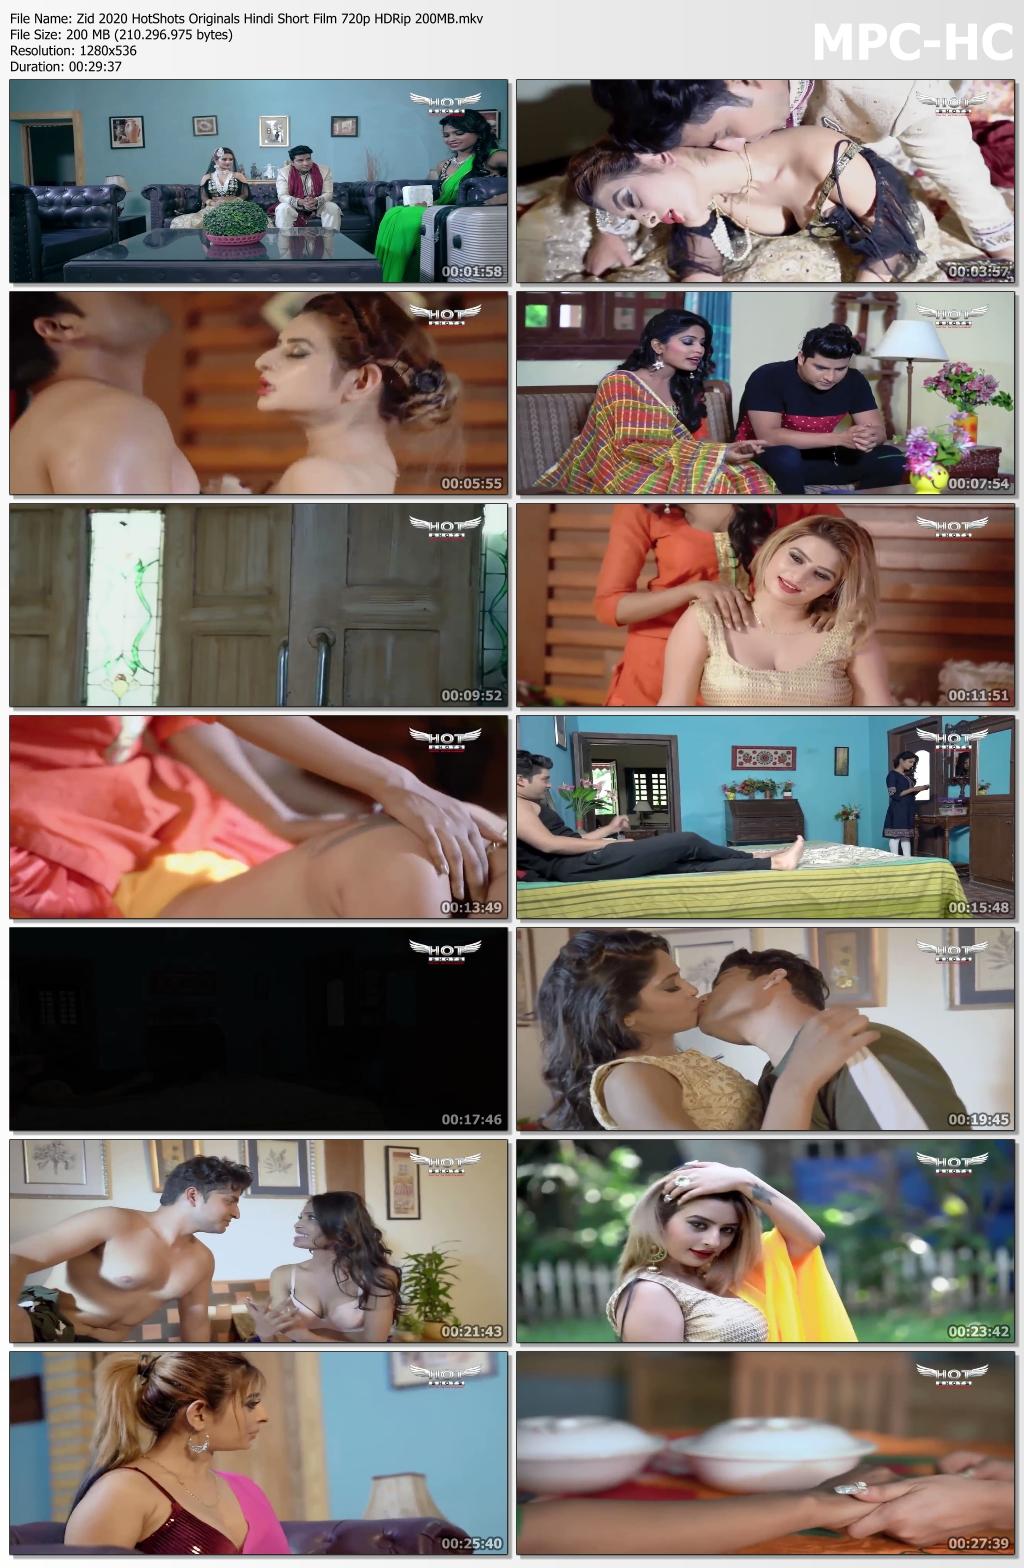 Zid-2020-Hot-Shots-Originals-Hindi-Short-Film-720p-HDRip-200-MB-mkv-thumbs